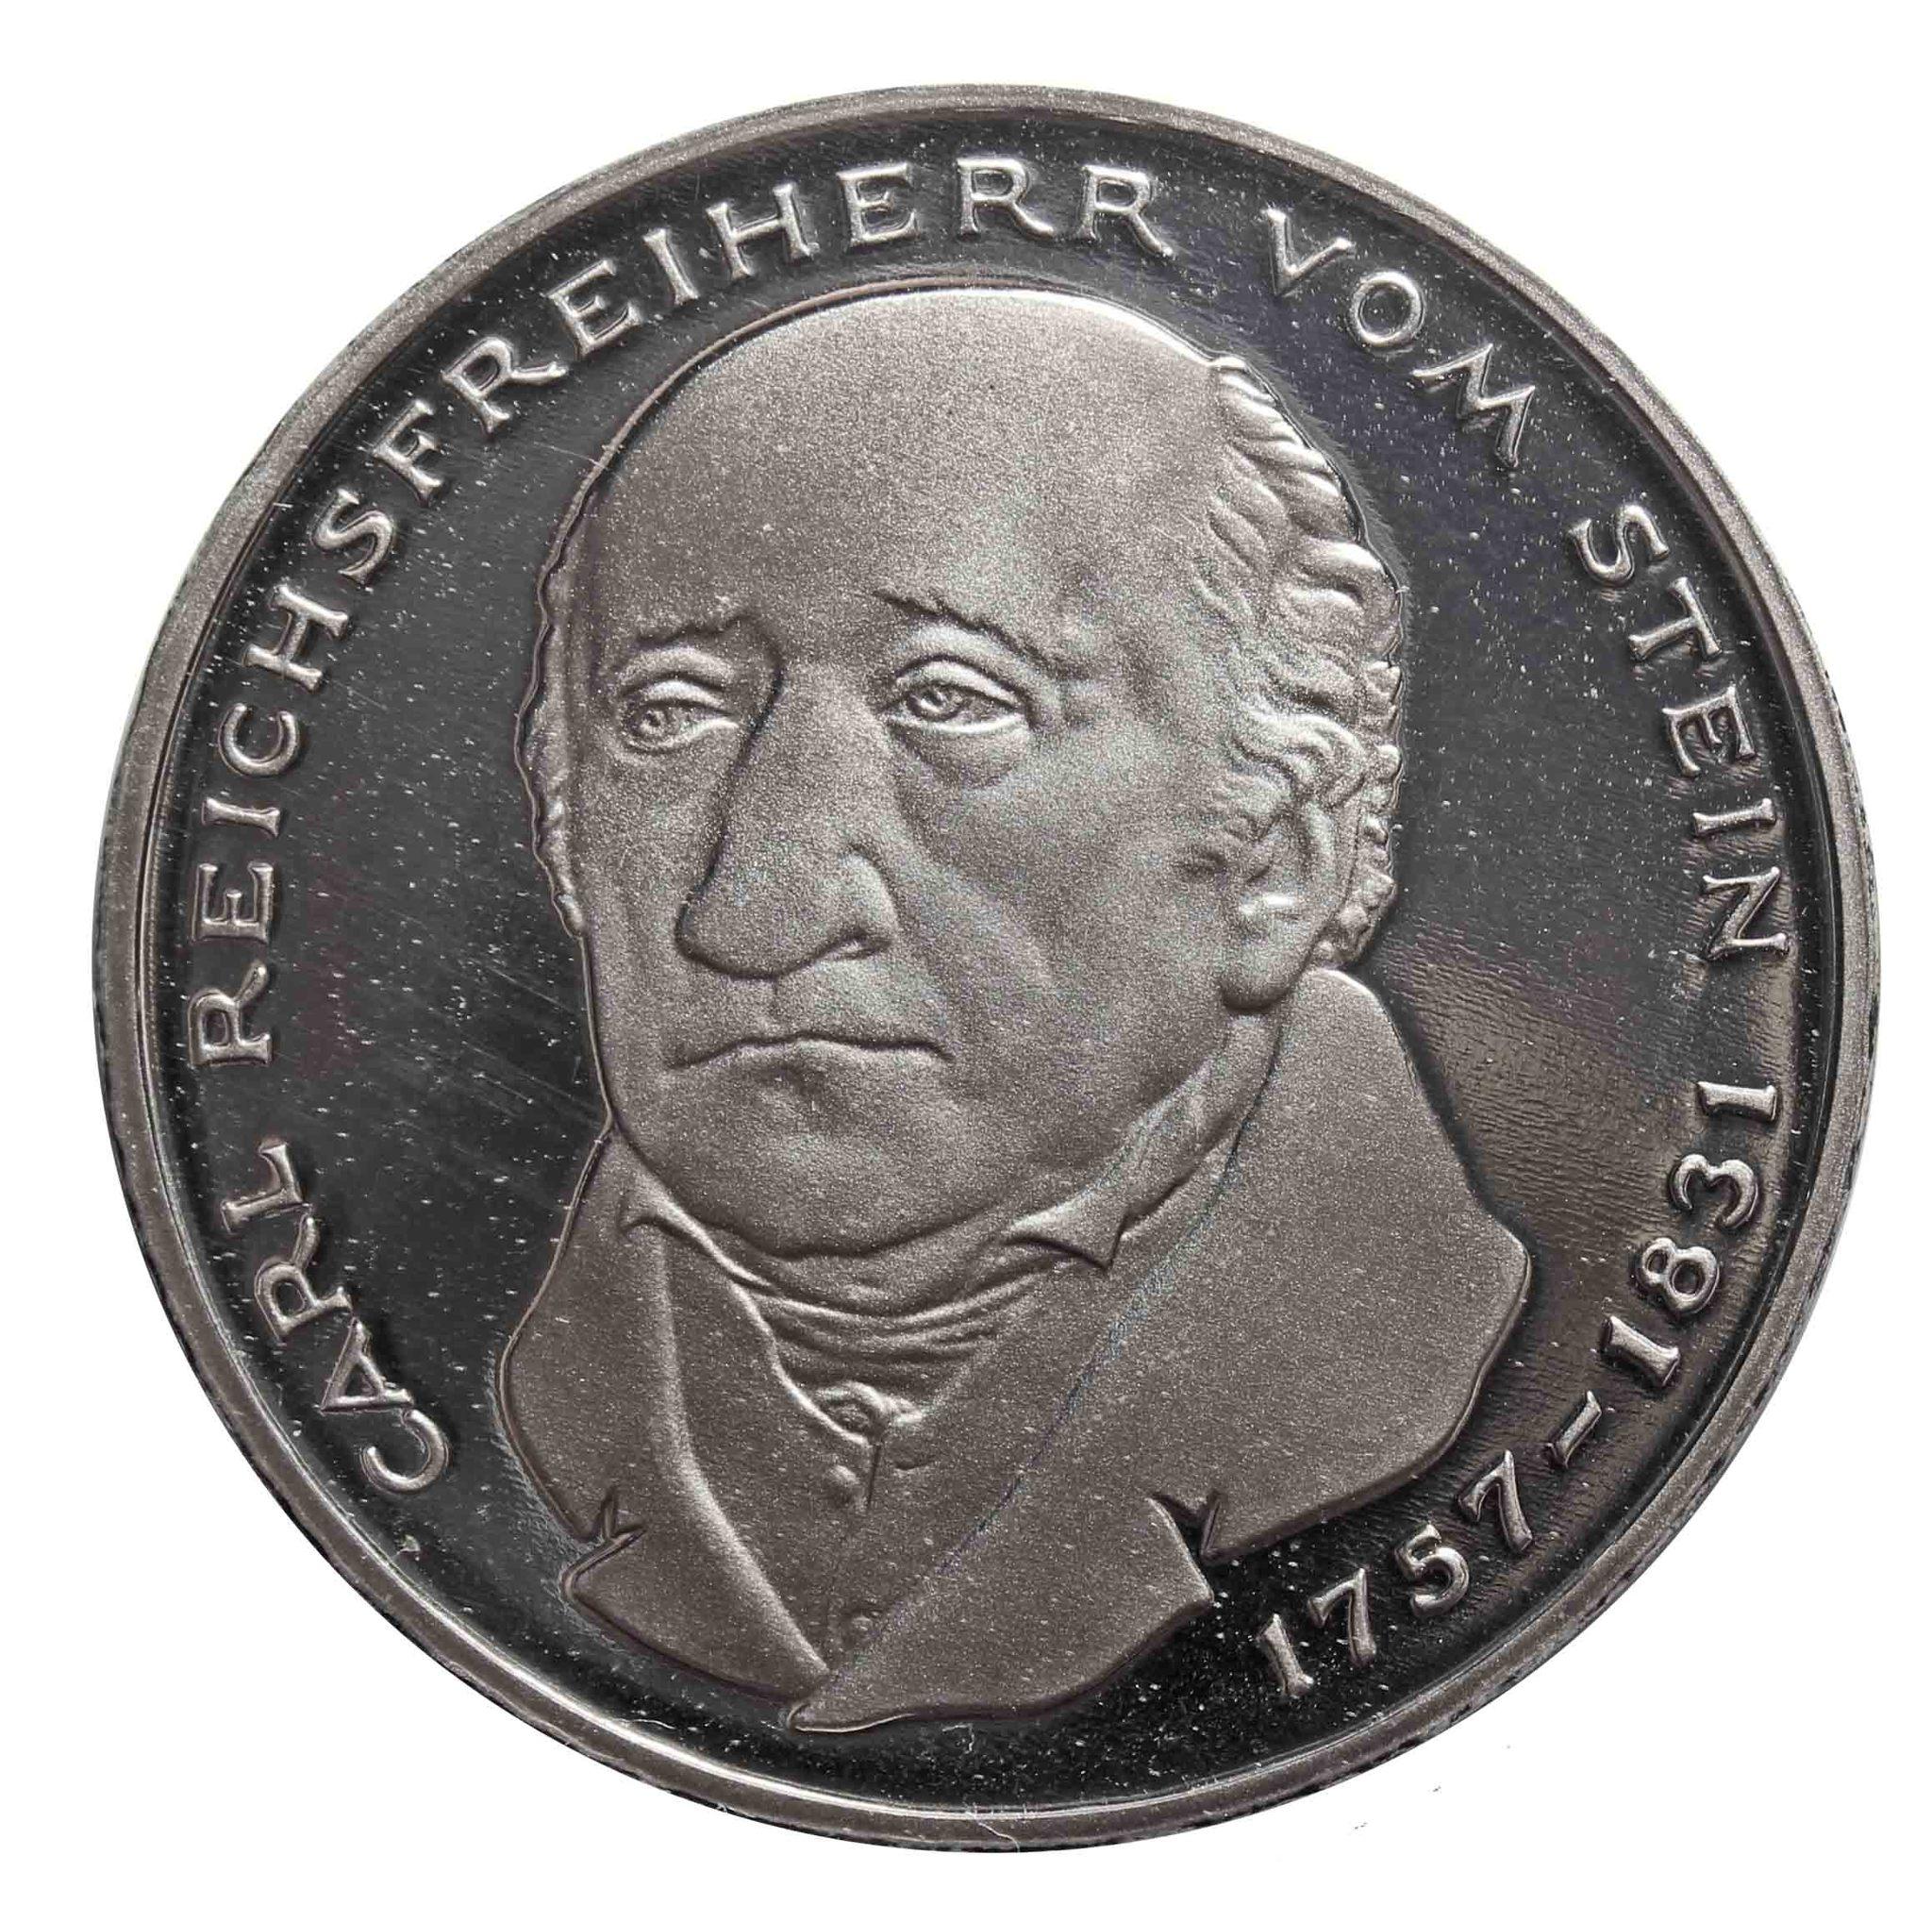 5 марок. 150 лет со дня смерти Карла фом Штейна (G). Медноникель. 1981 г. PROOF